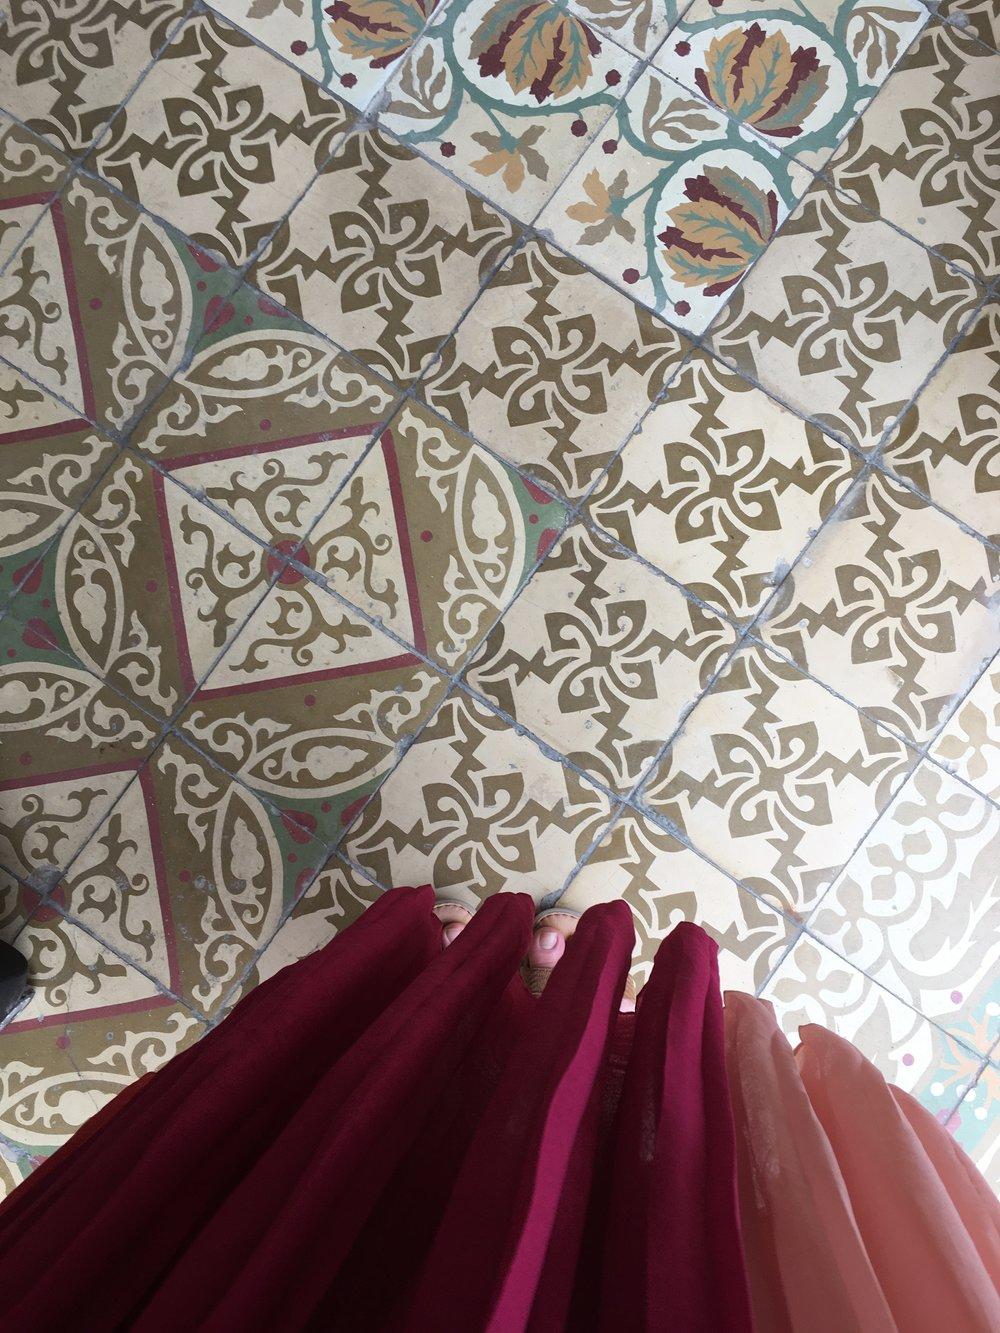 Moorish tile sidewalk in Havana, Cuba